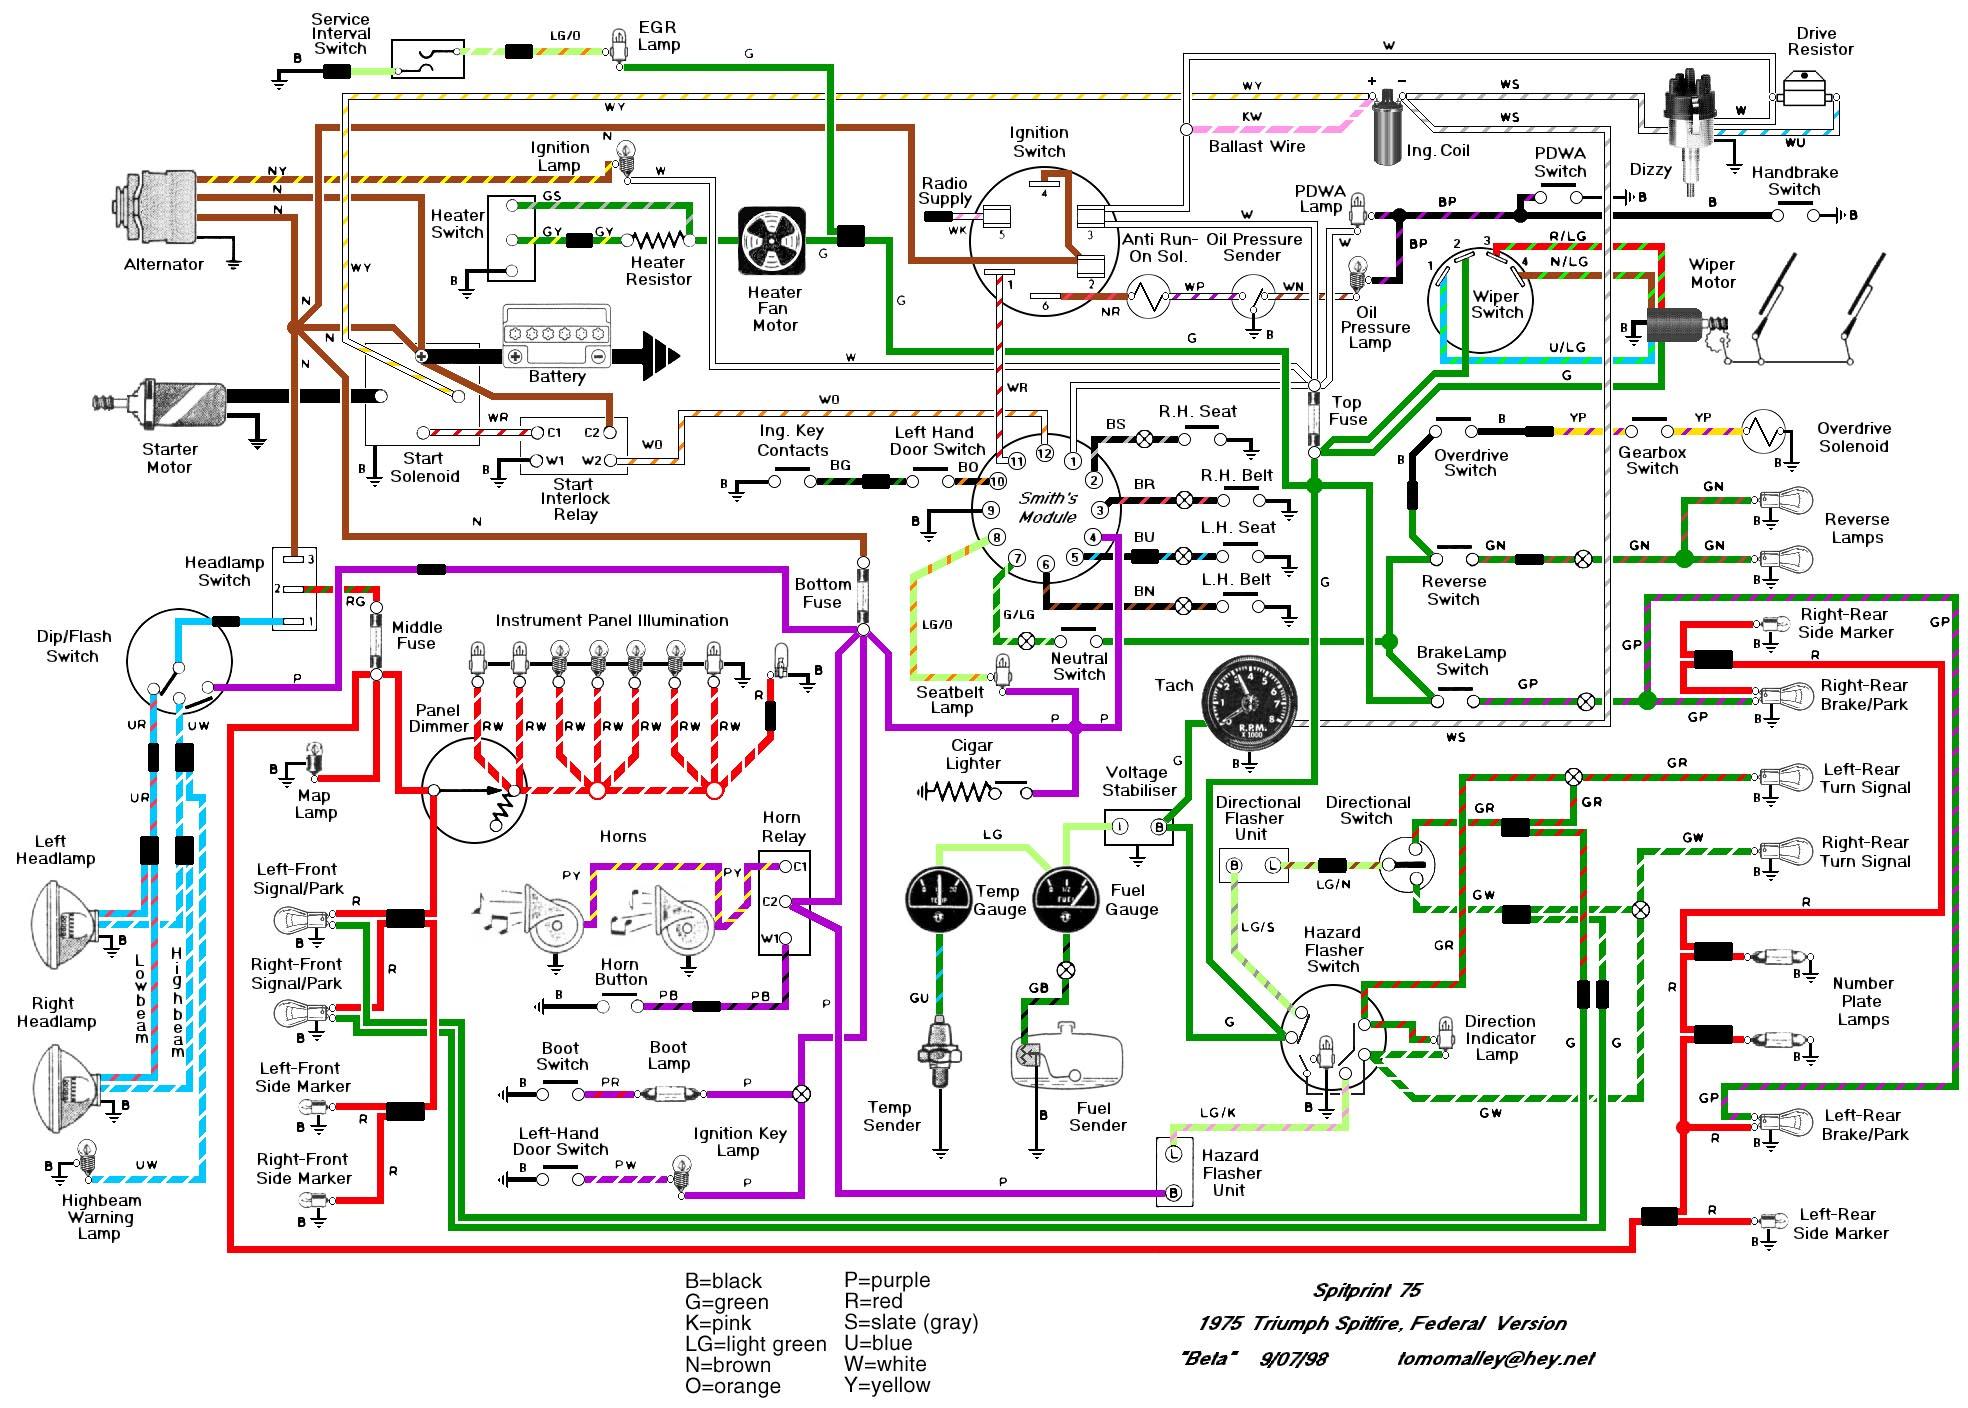 Miraculous Tr7 Wiring Diagram Wiring Diagram Database Wiring Cloud Hemtshollocom